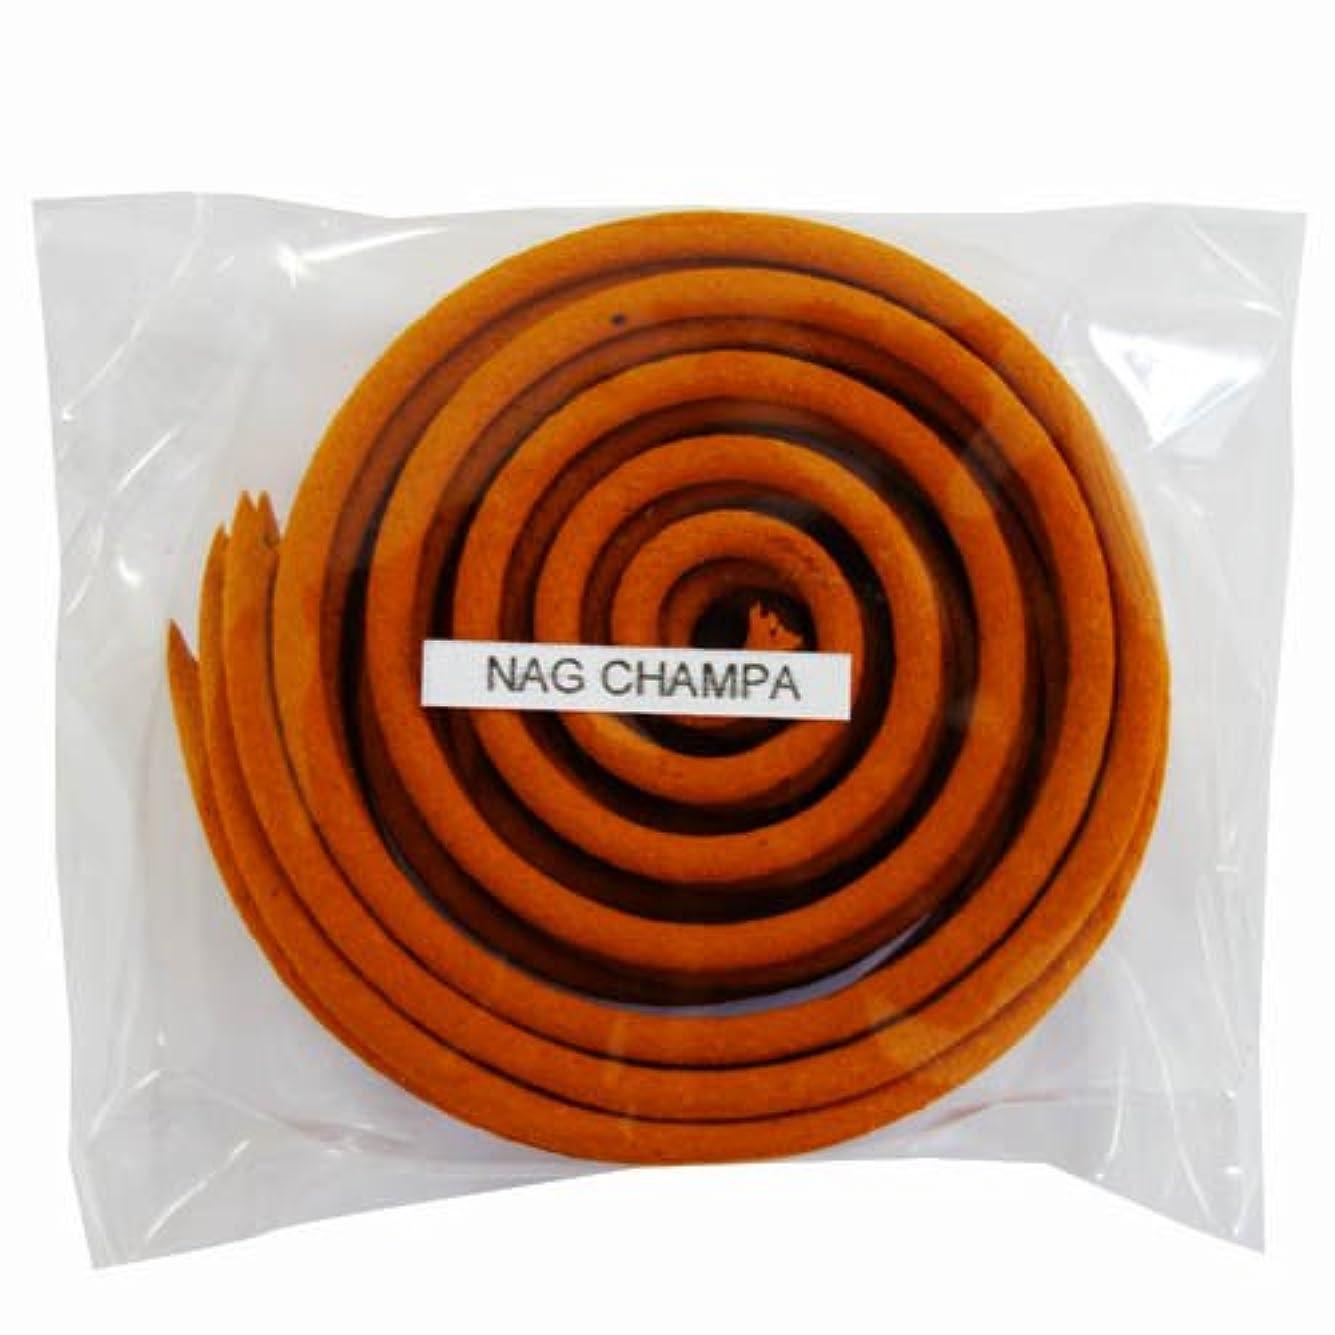 絶壁振り子有限お香/うずまき香 NAG CHAMPA ナグチャンパ 直径6.5cm×5巻セット [並行輸入品]